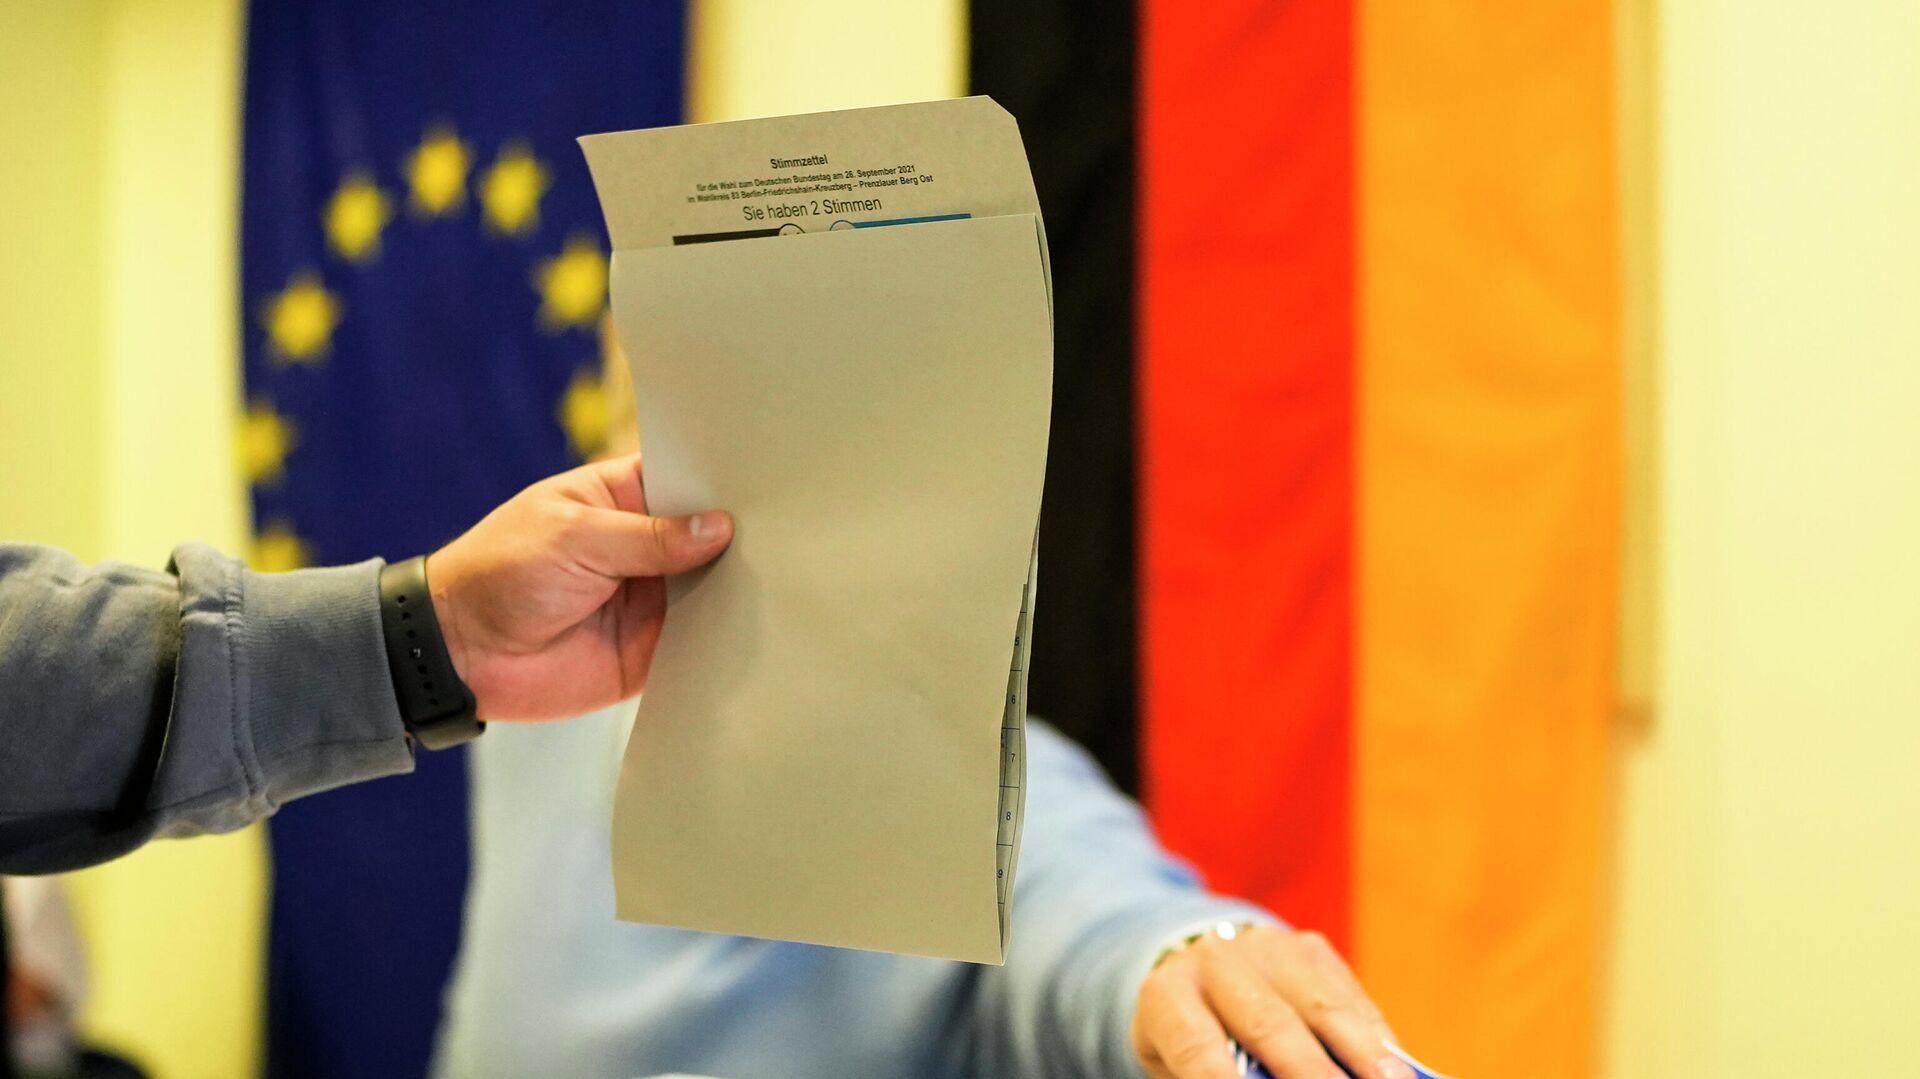 Εκλογές στη Γερμανία - Sputnik Ελλάδα, 1920, 26.09.2021